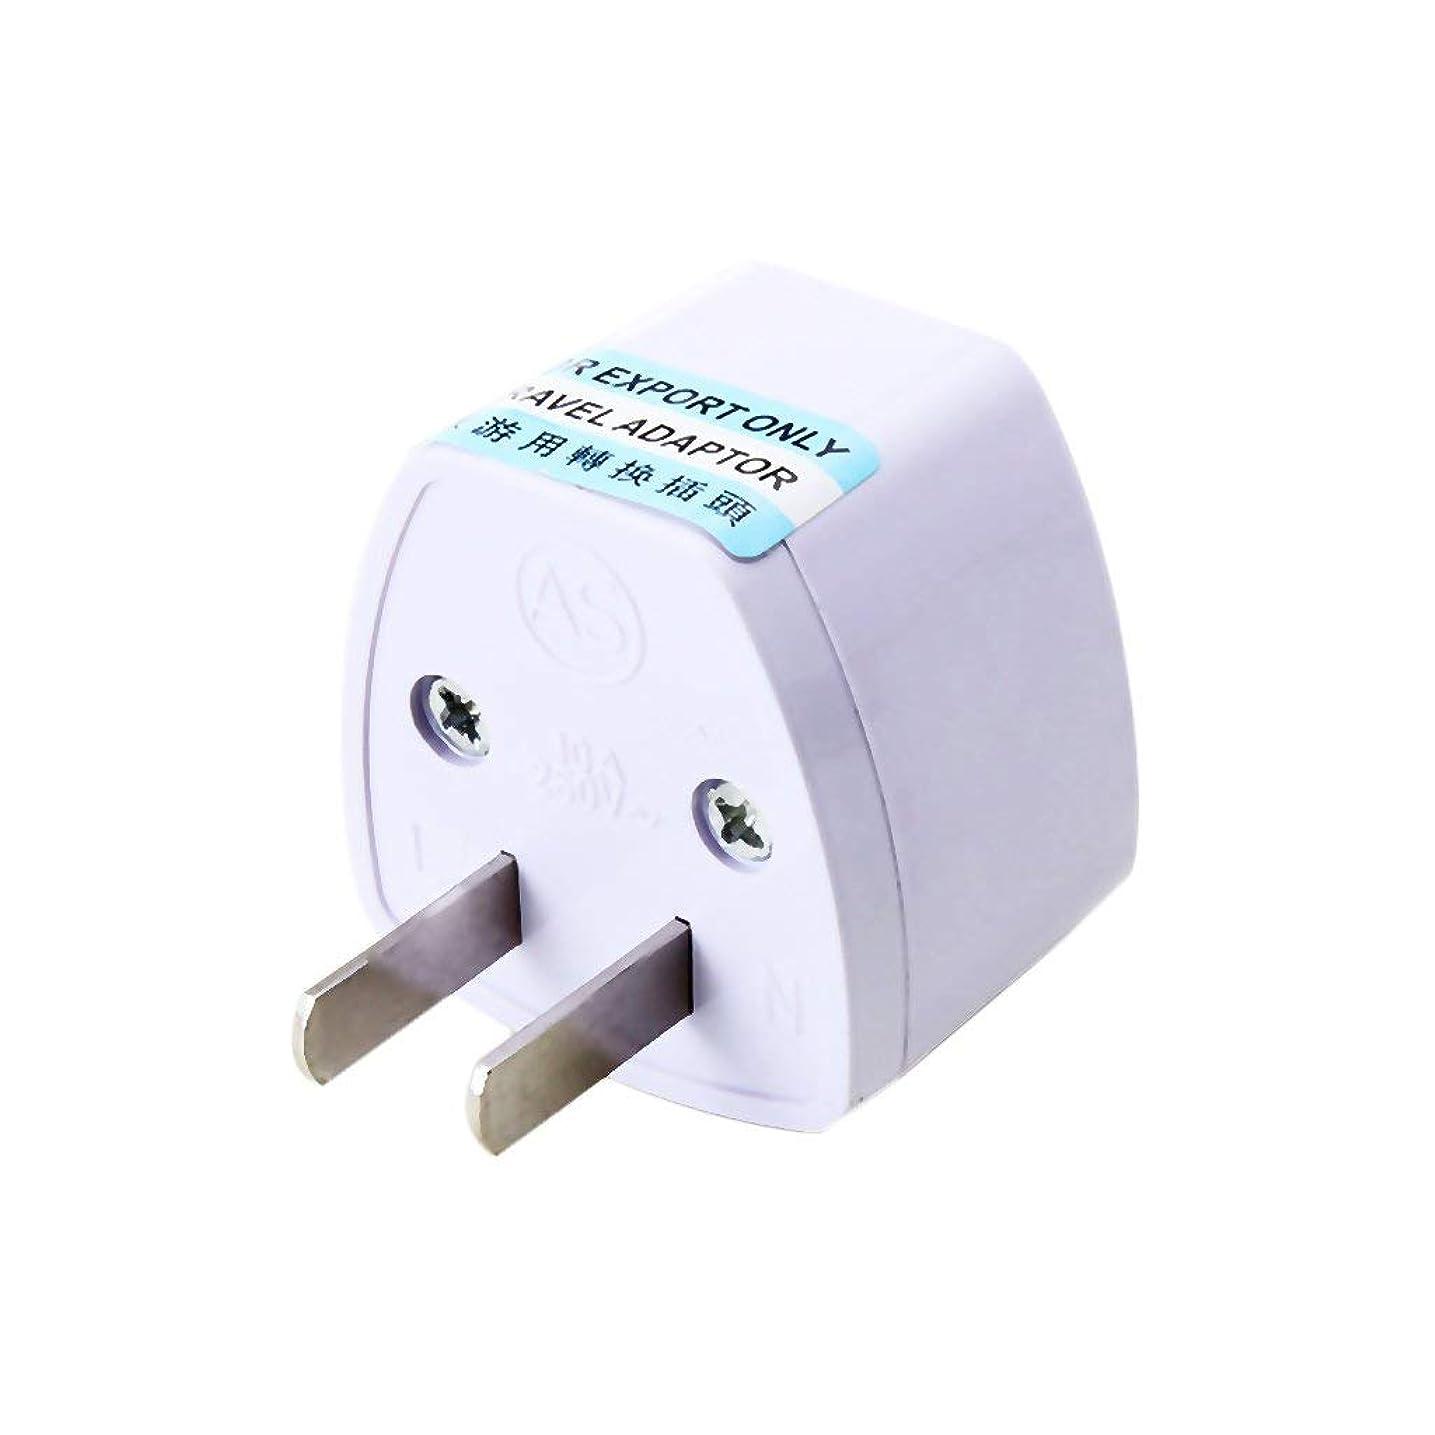 ペンス衝突コース送料OYAN 全世界対応マルチ変換プラグA型(海外電化製品を日本で利用) A,BF, SE,C, B3, O,B, コンセント変換アダプター 電源形状変換プラグ 世界の家電を日本で使える, 世界のコンセント